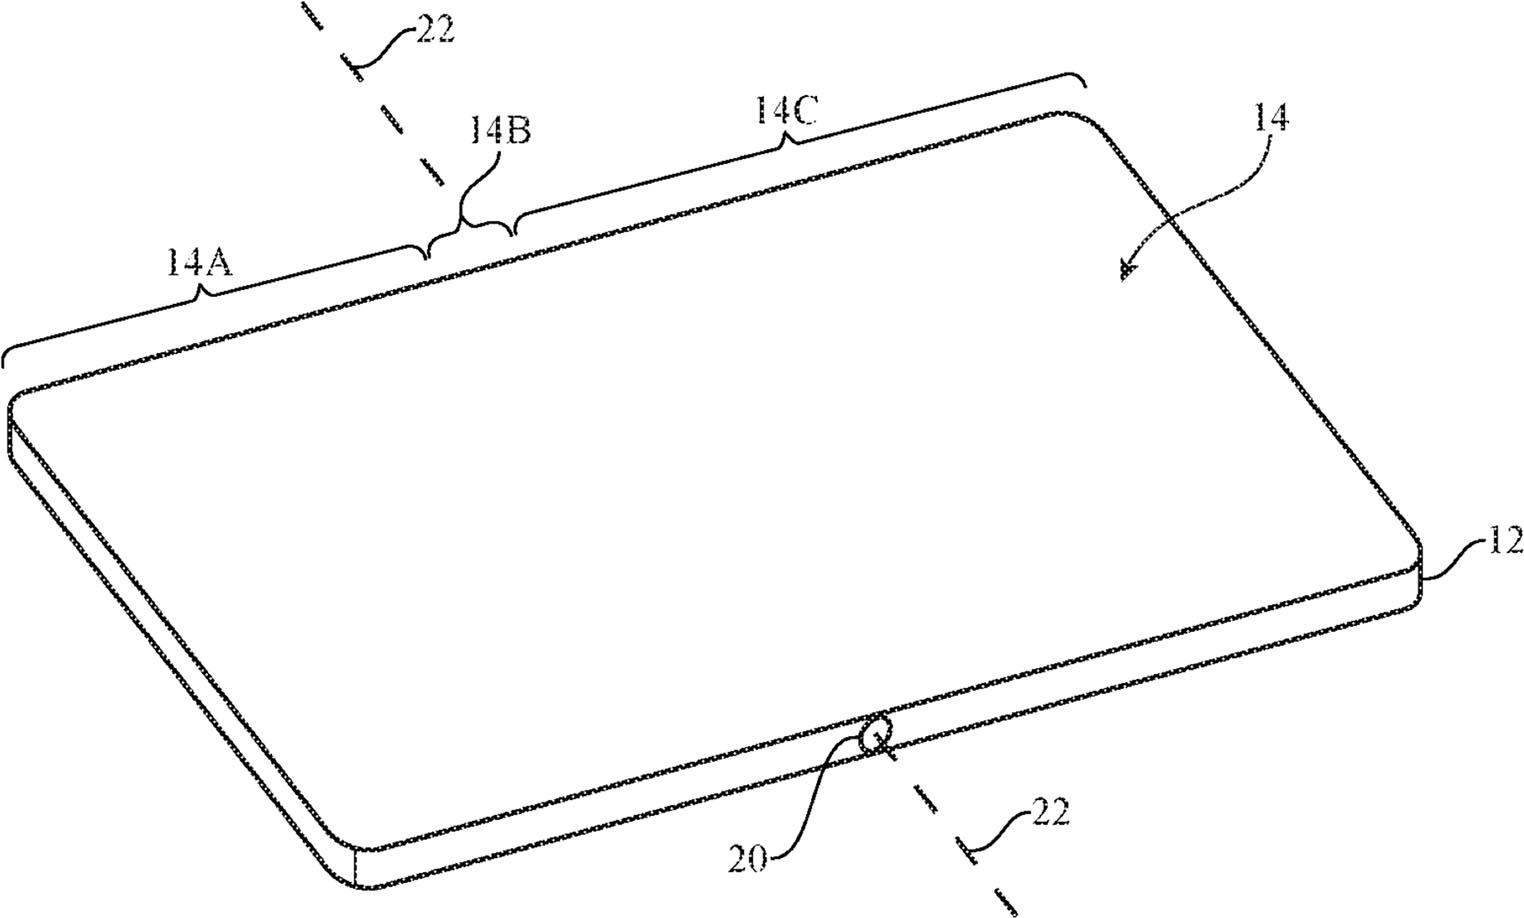 Brevet iPhone écran flexible